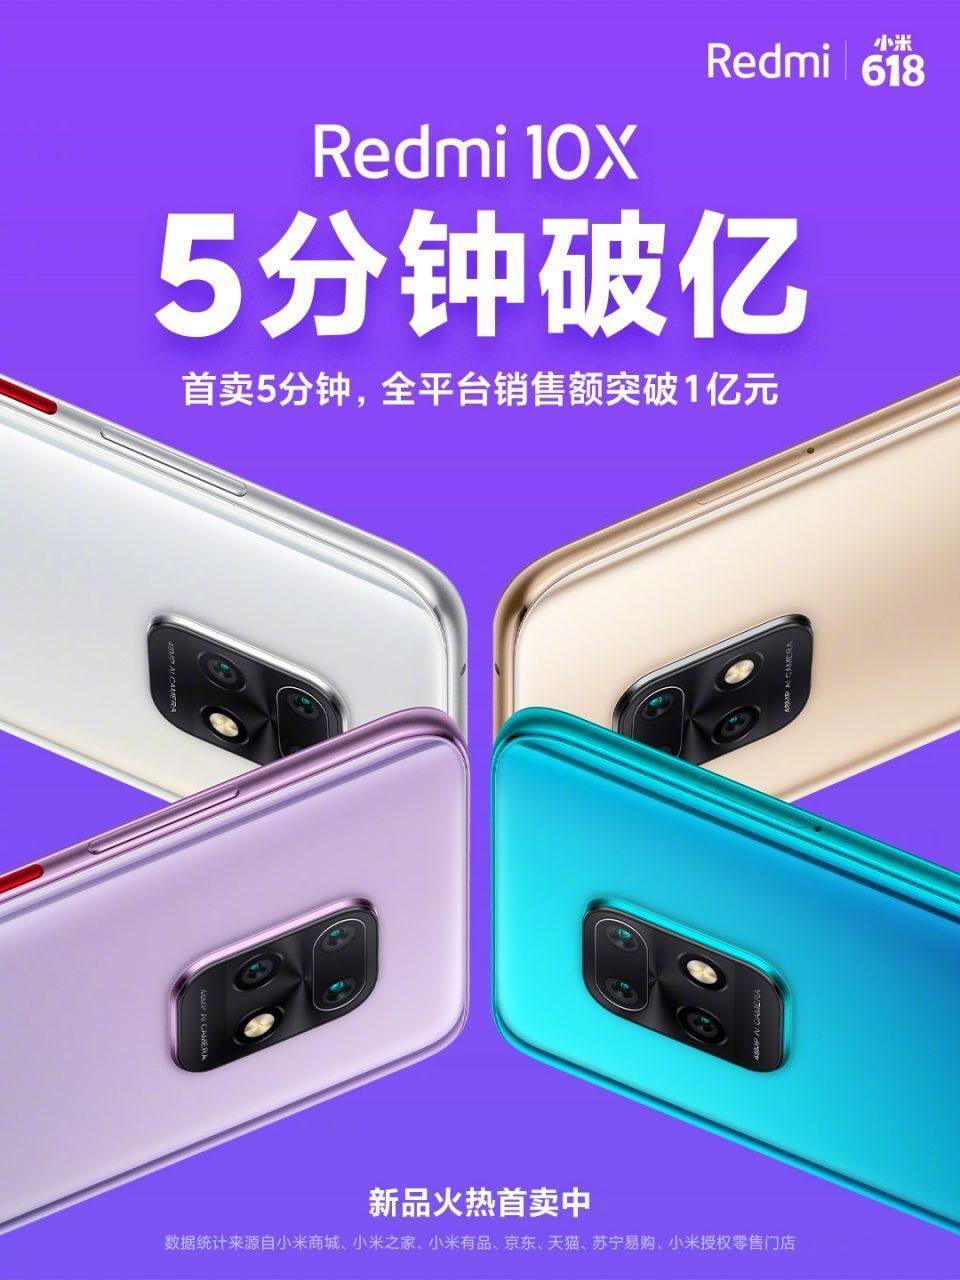 Продажи Redmi 10X превысили 100 миллионов юаней за 5 минут (redmi 10x first sale 960x1280 2)